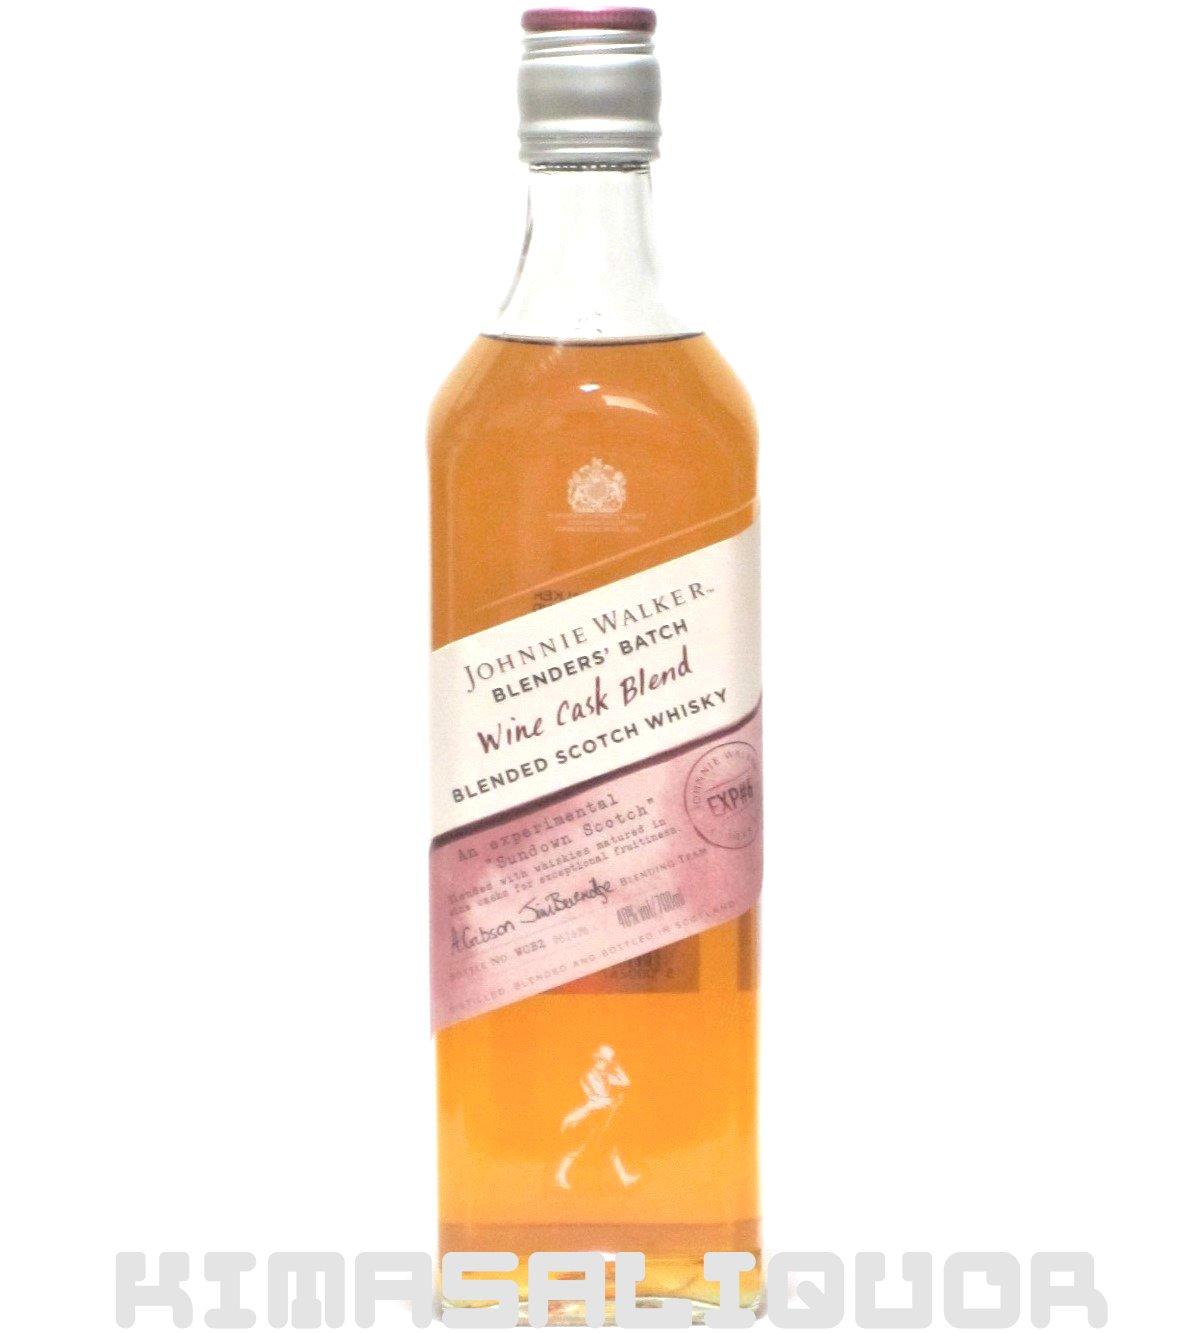 ジョニーウォーカー ワイン カスク ブレンド 正規品 40度 700ml